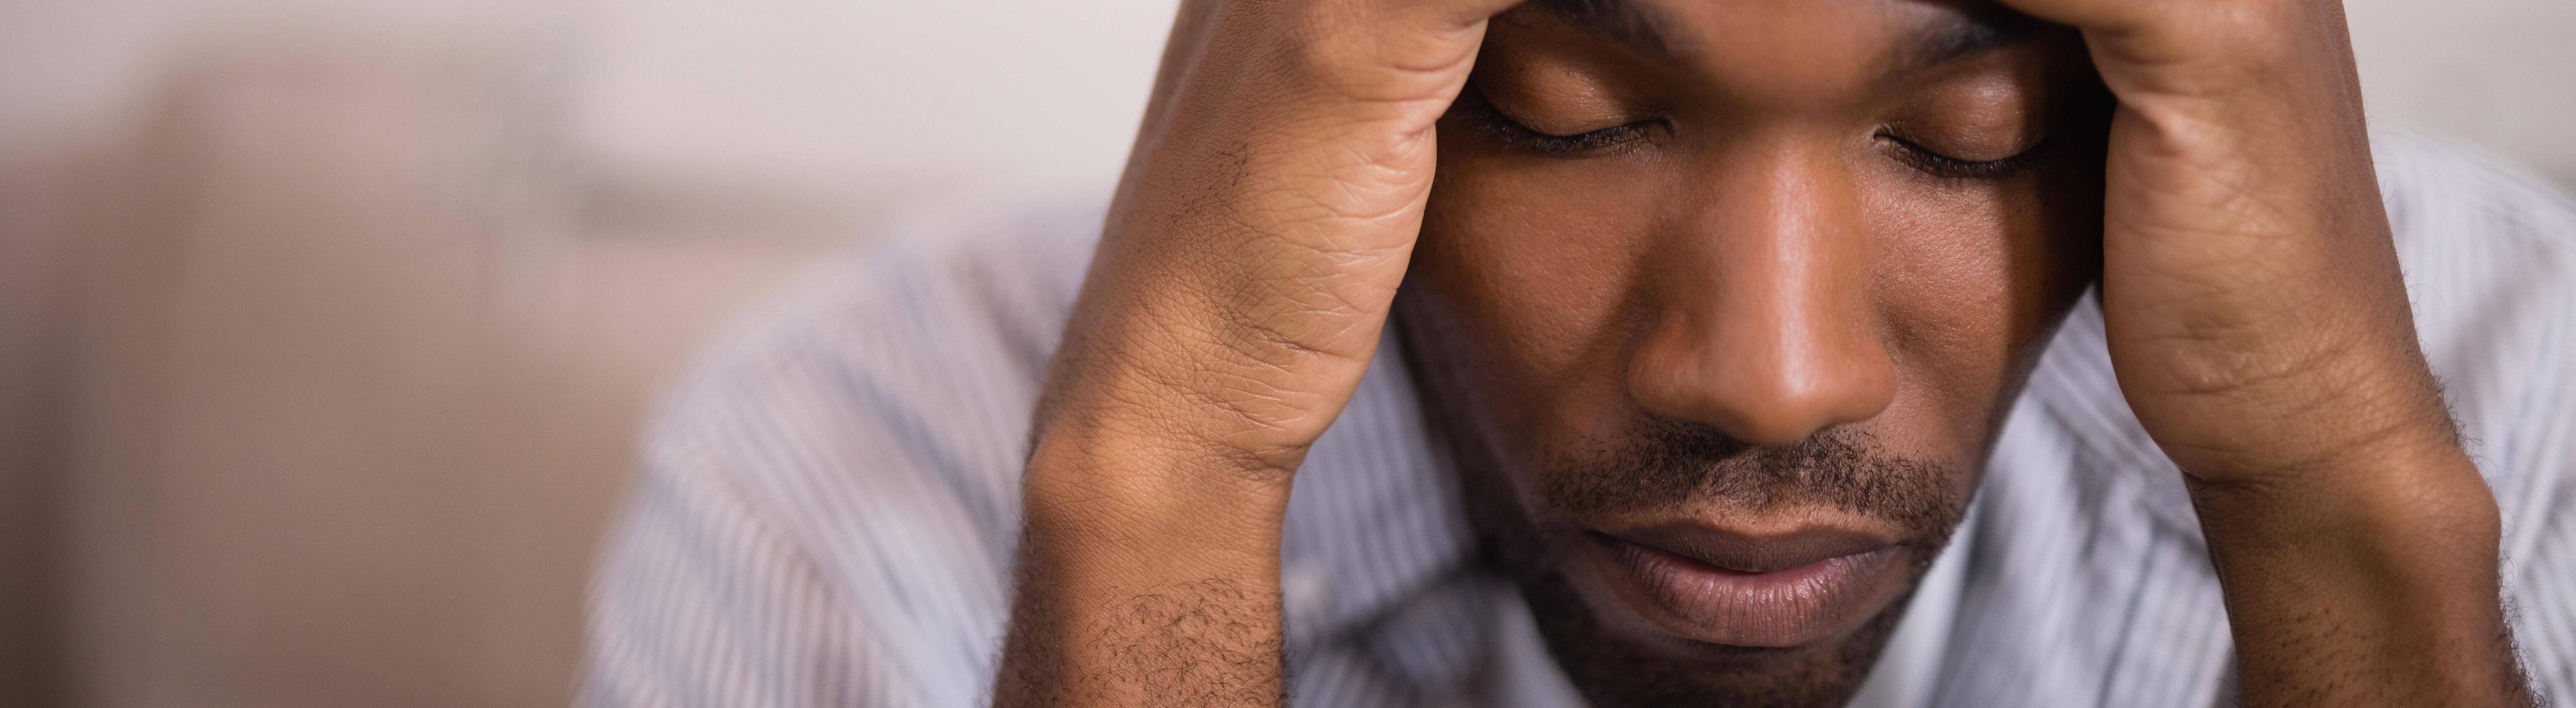 Mann sitzt und stützt seinen Kopf in seine Hände. Dabei hat er die Augen geschlossen.